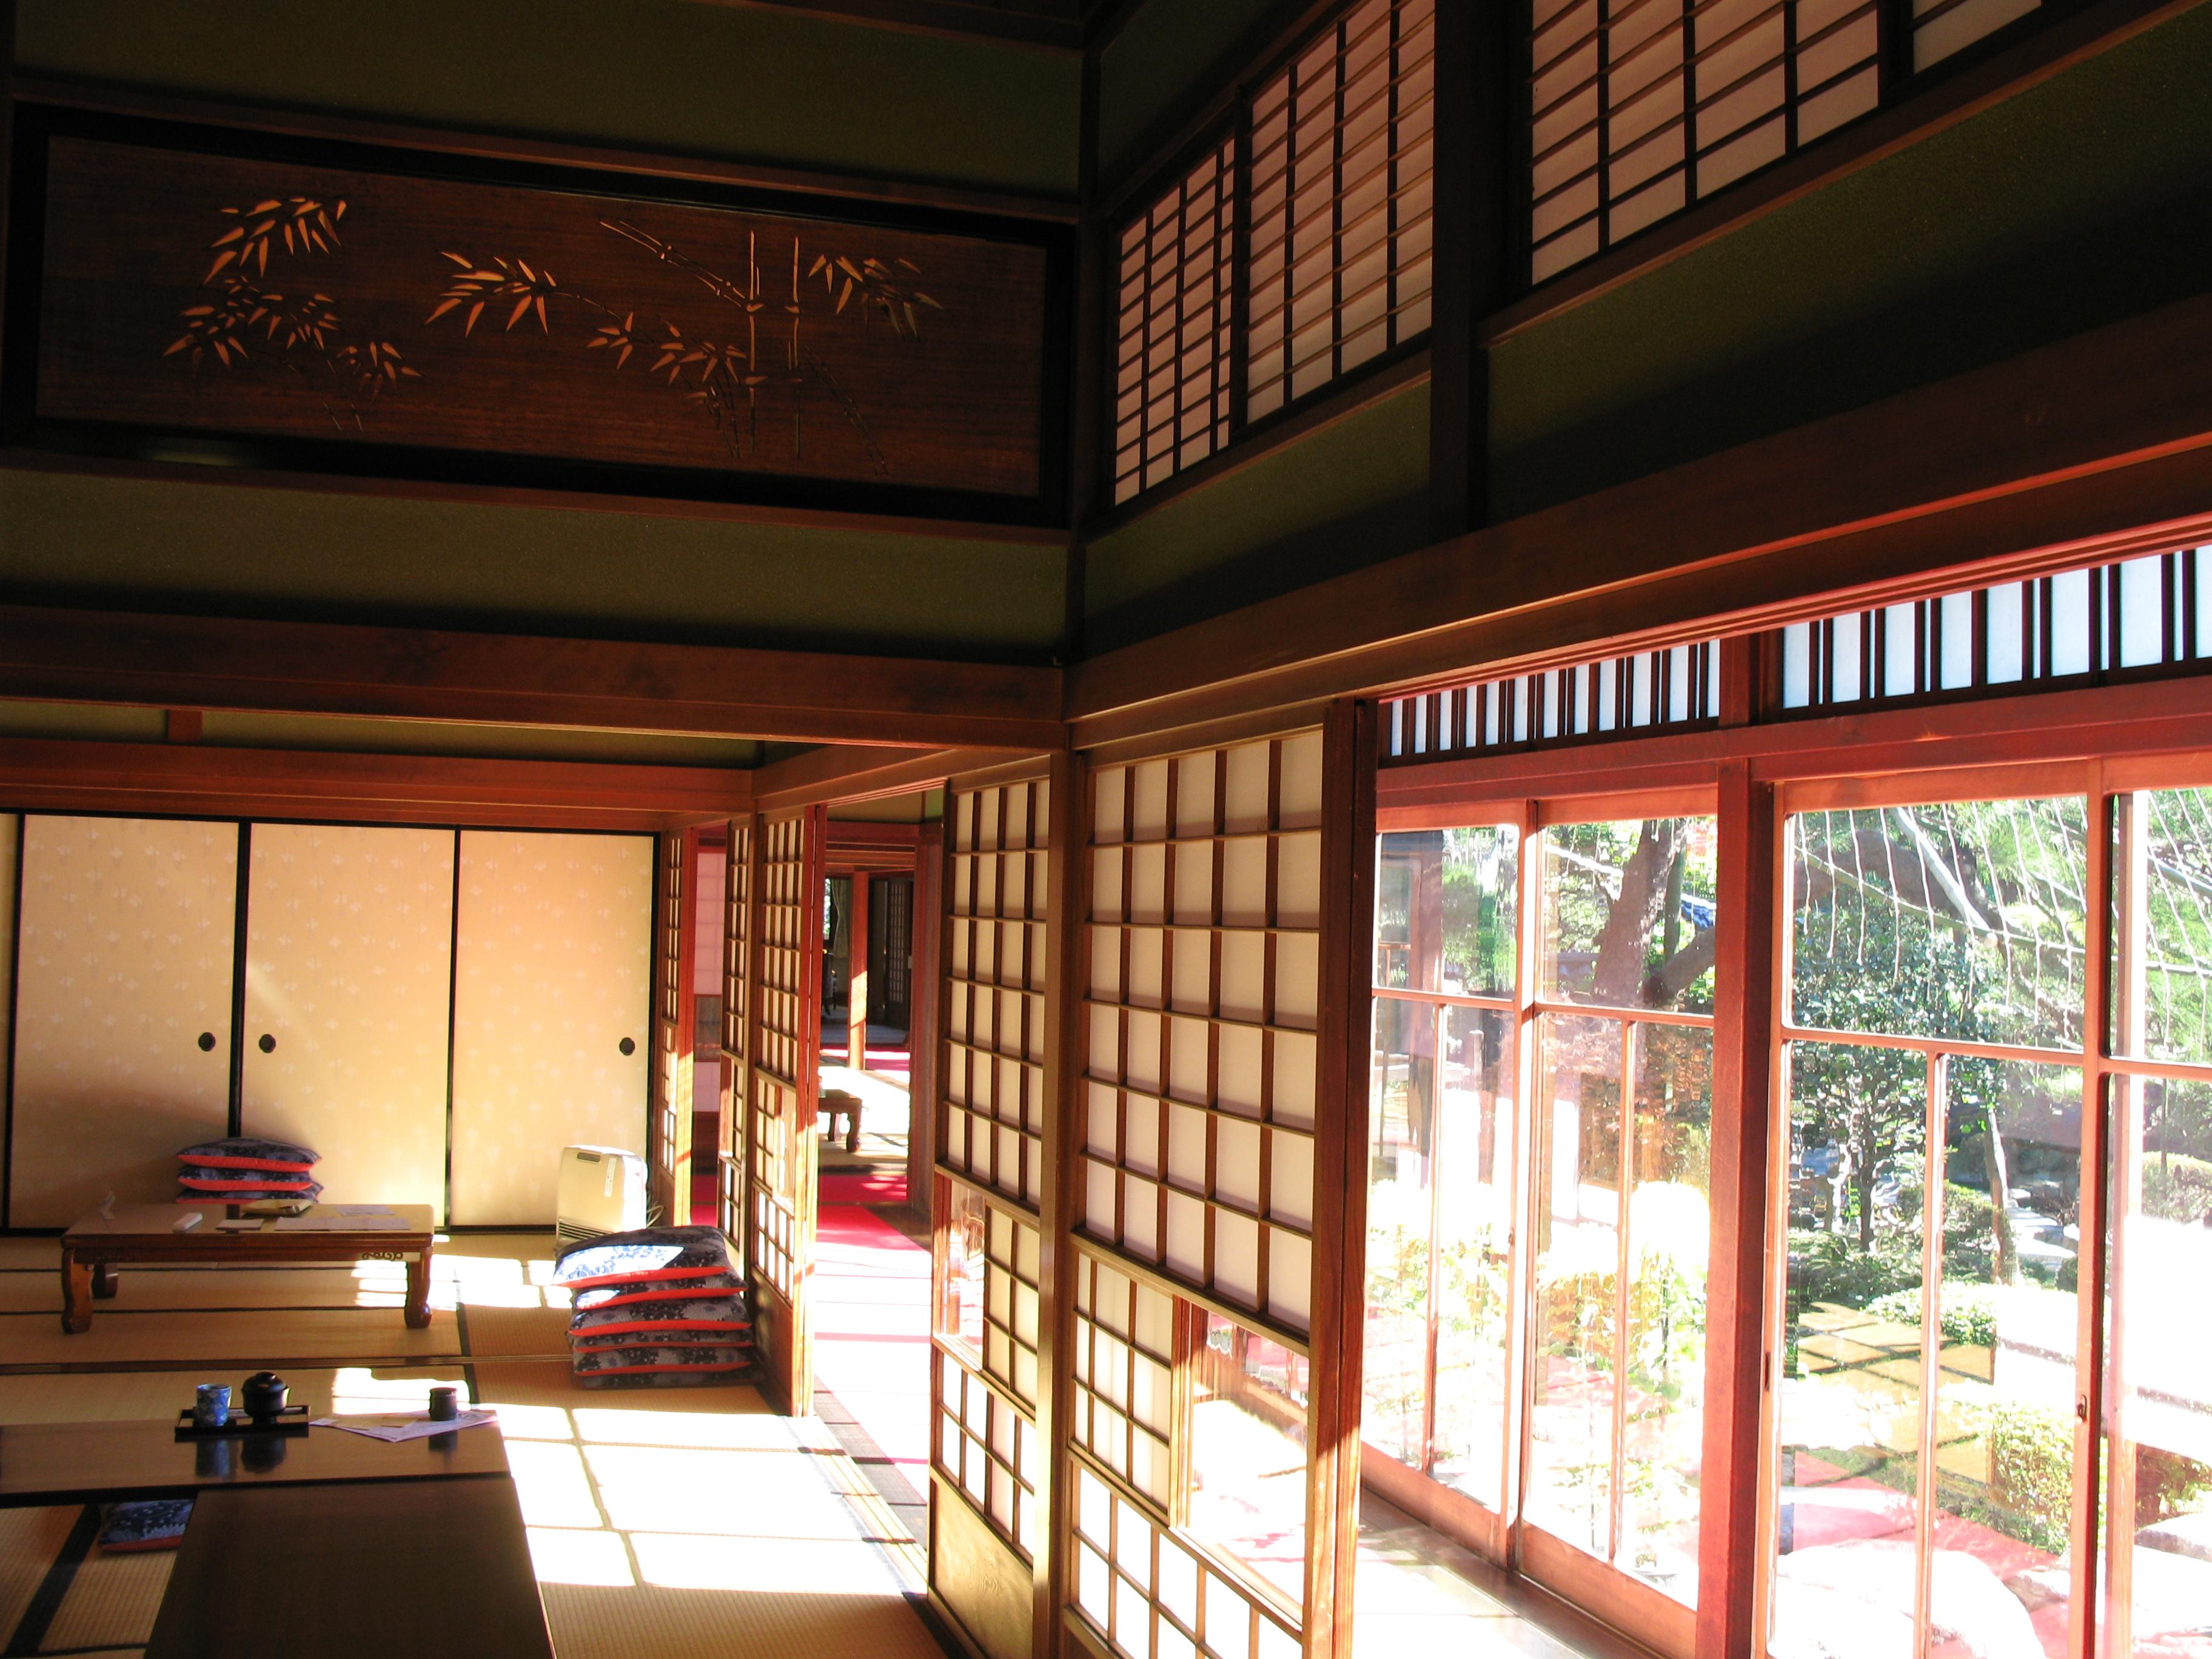 japanese style house interior photo - 8